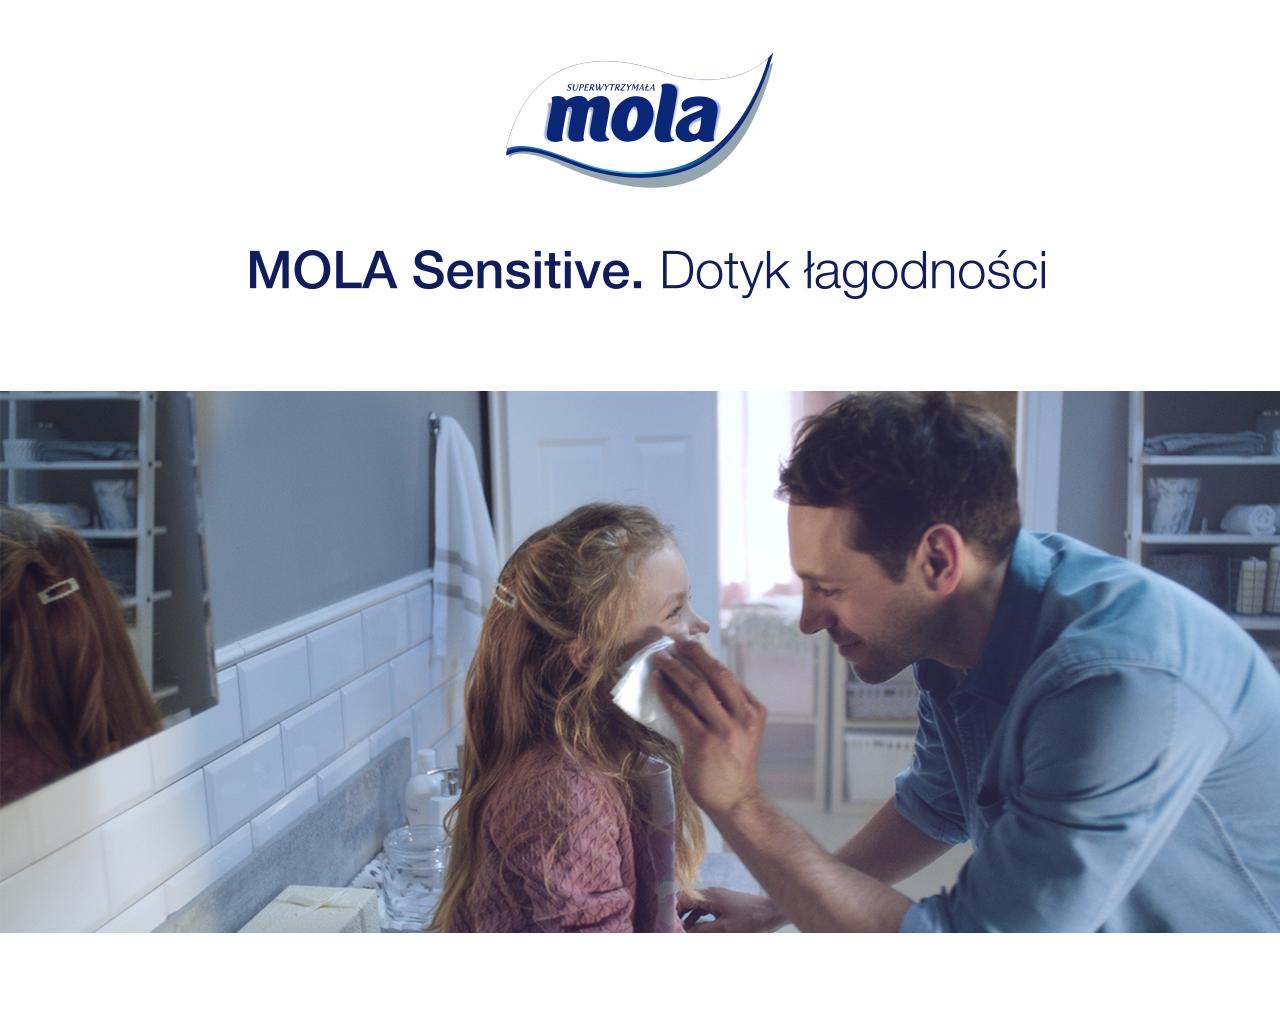 mola_1